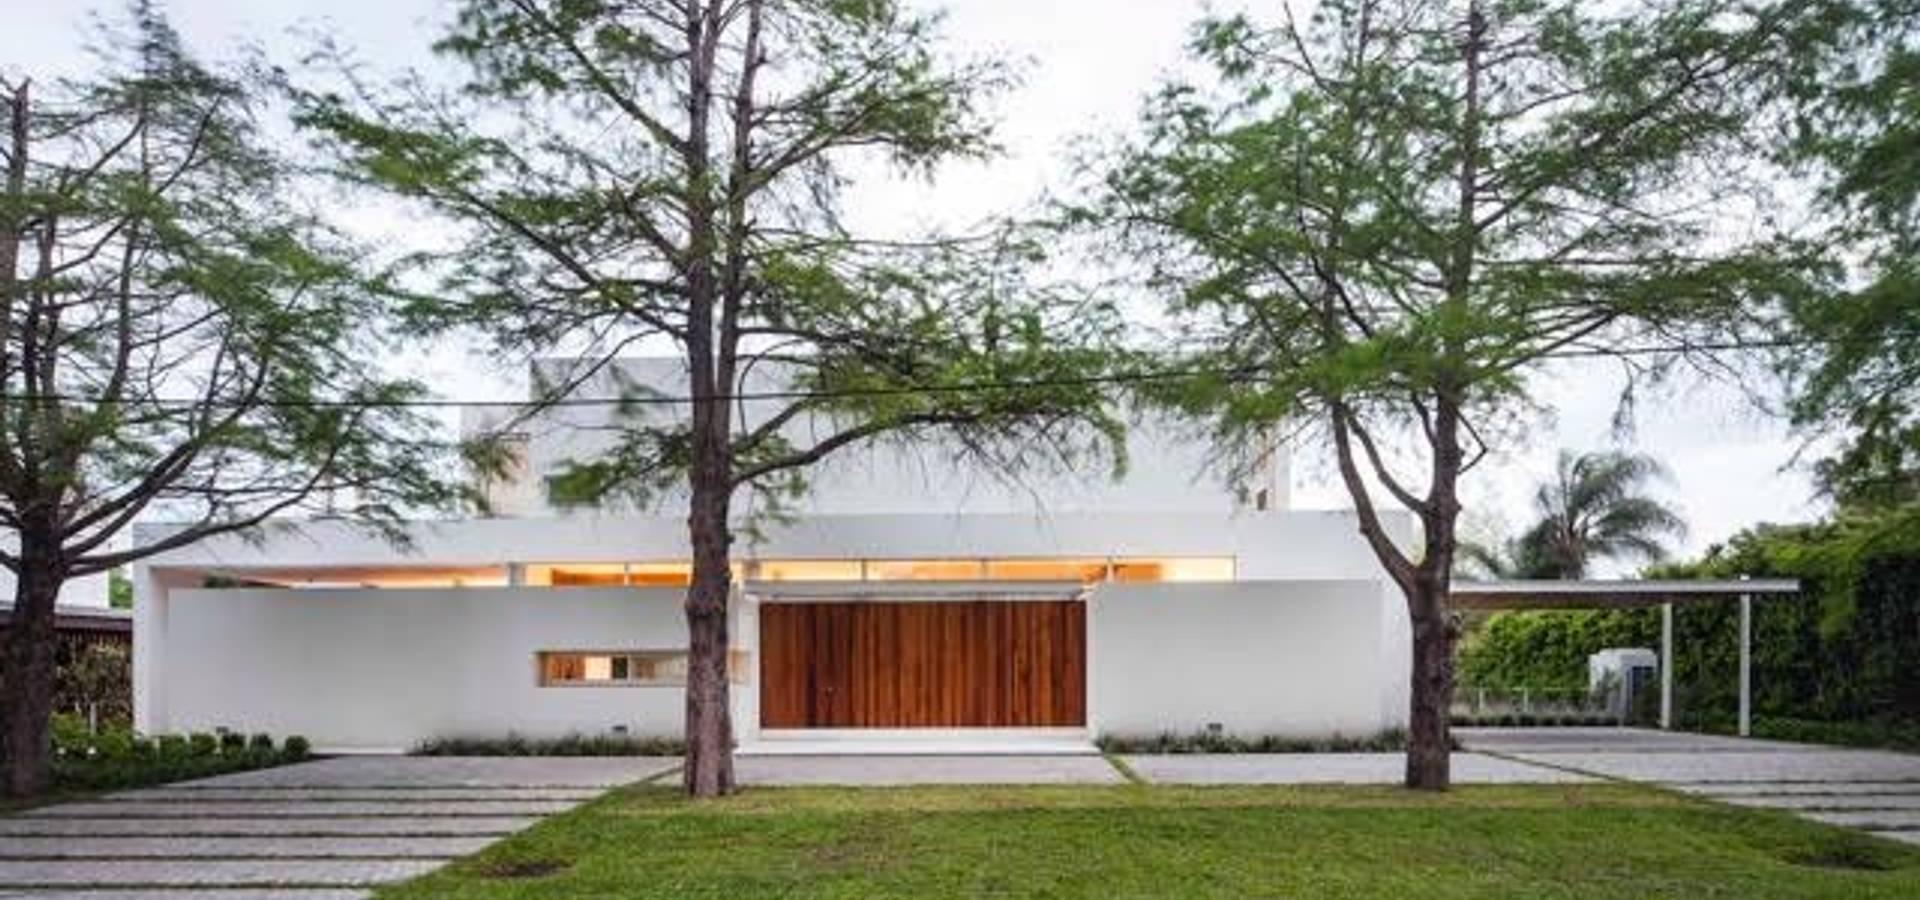 Aulet & Yaregui Arquitectos